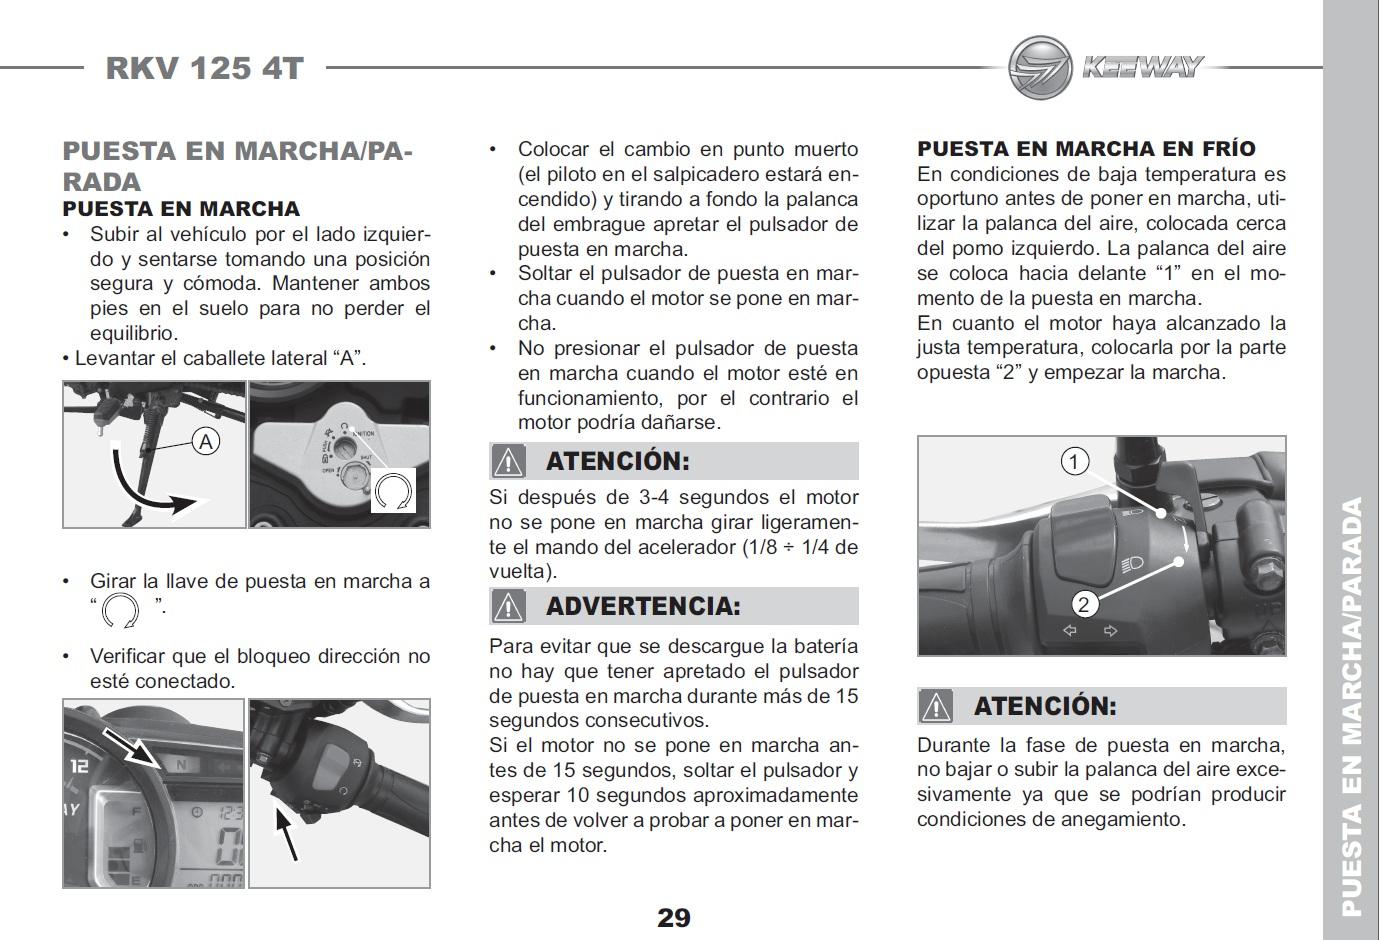 Posición del starter/ahogador: error en el manual de usuario. 2wck2ud